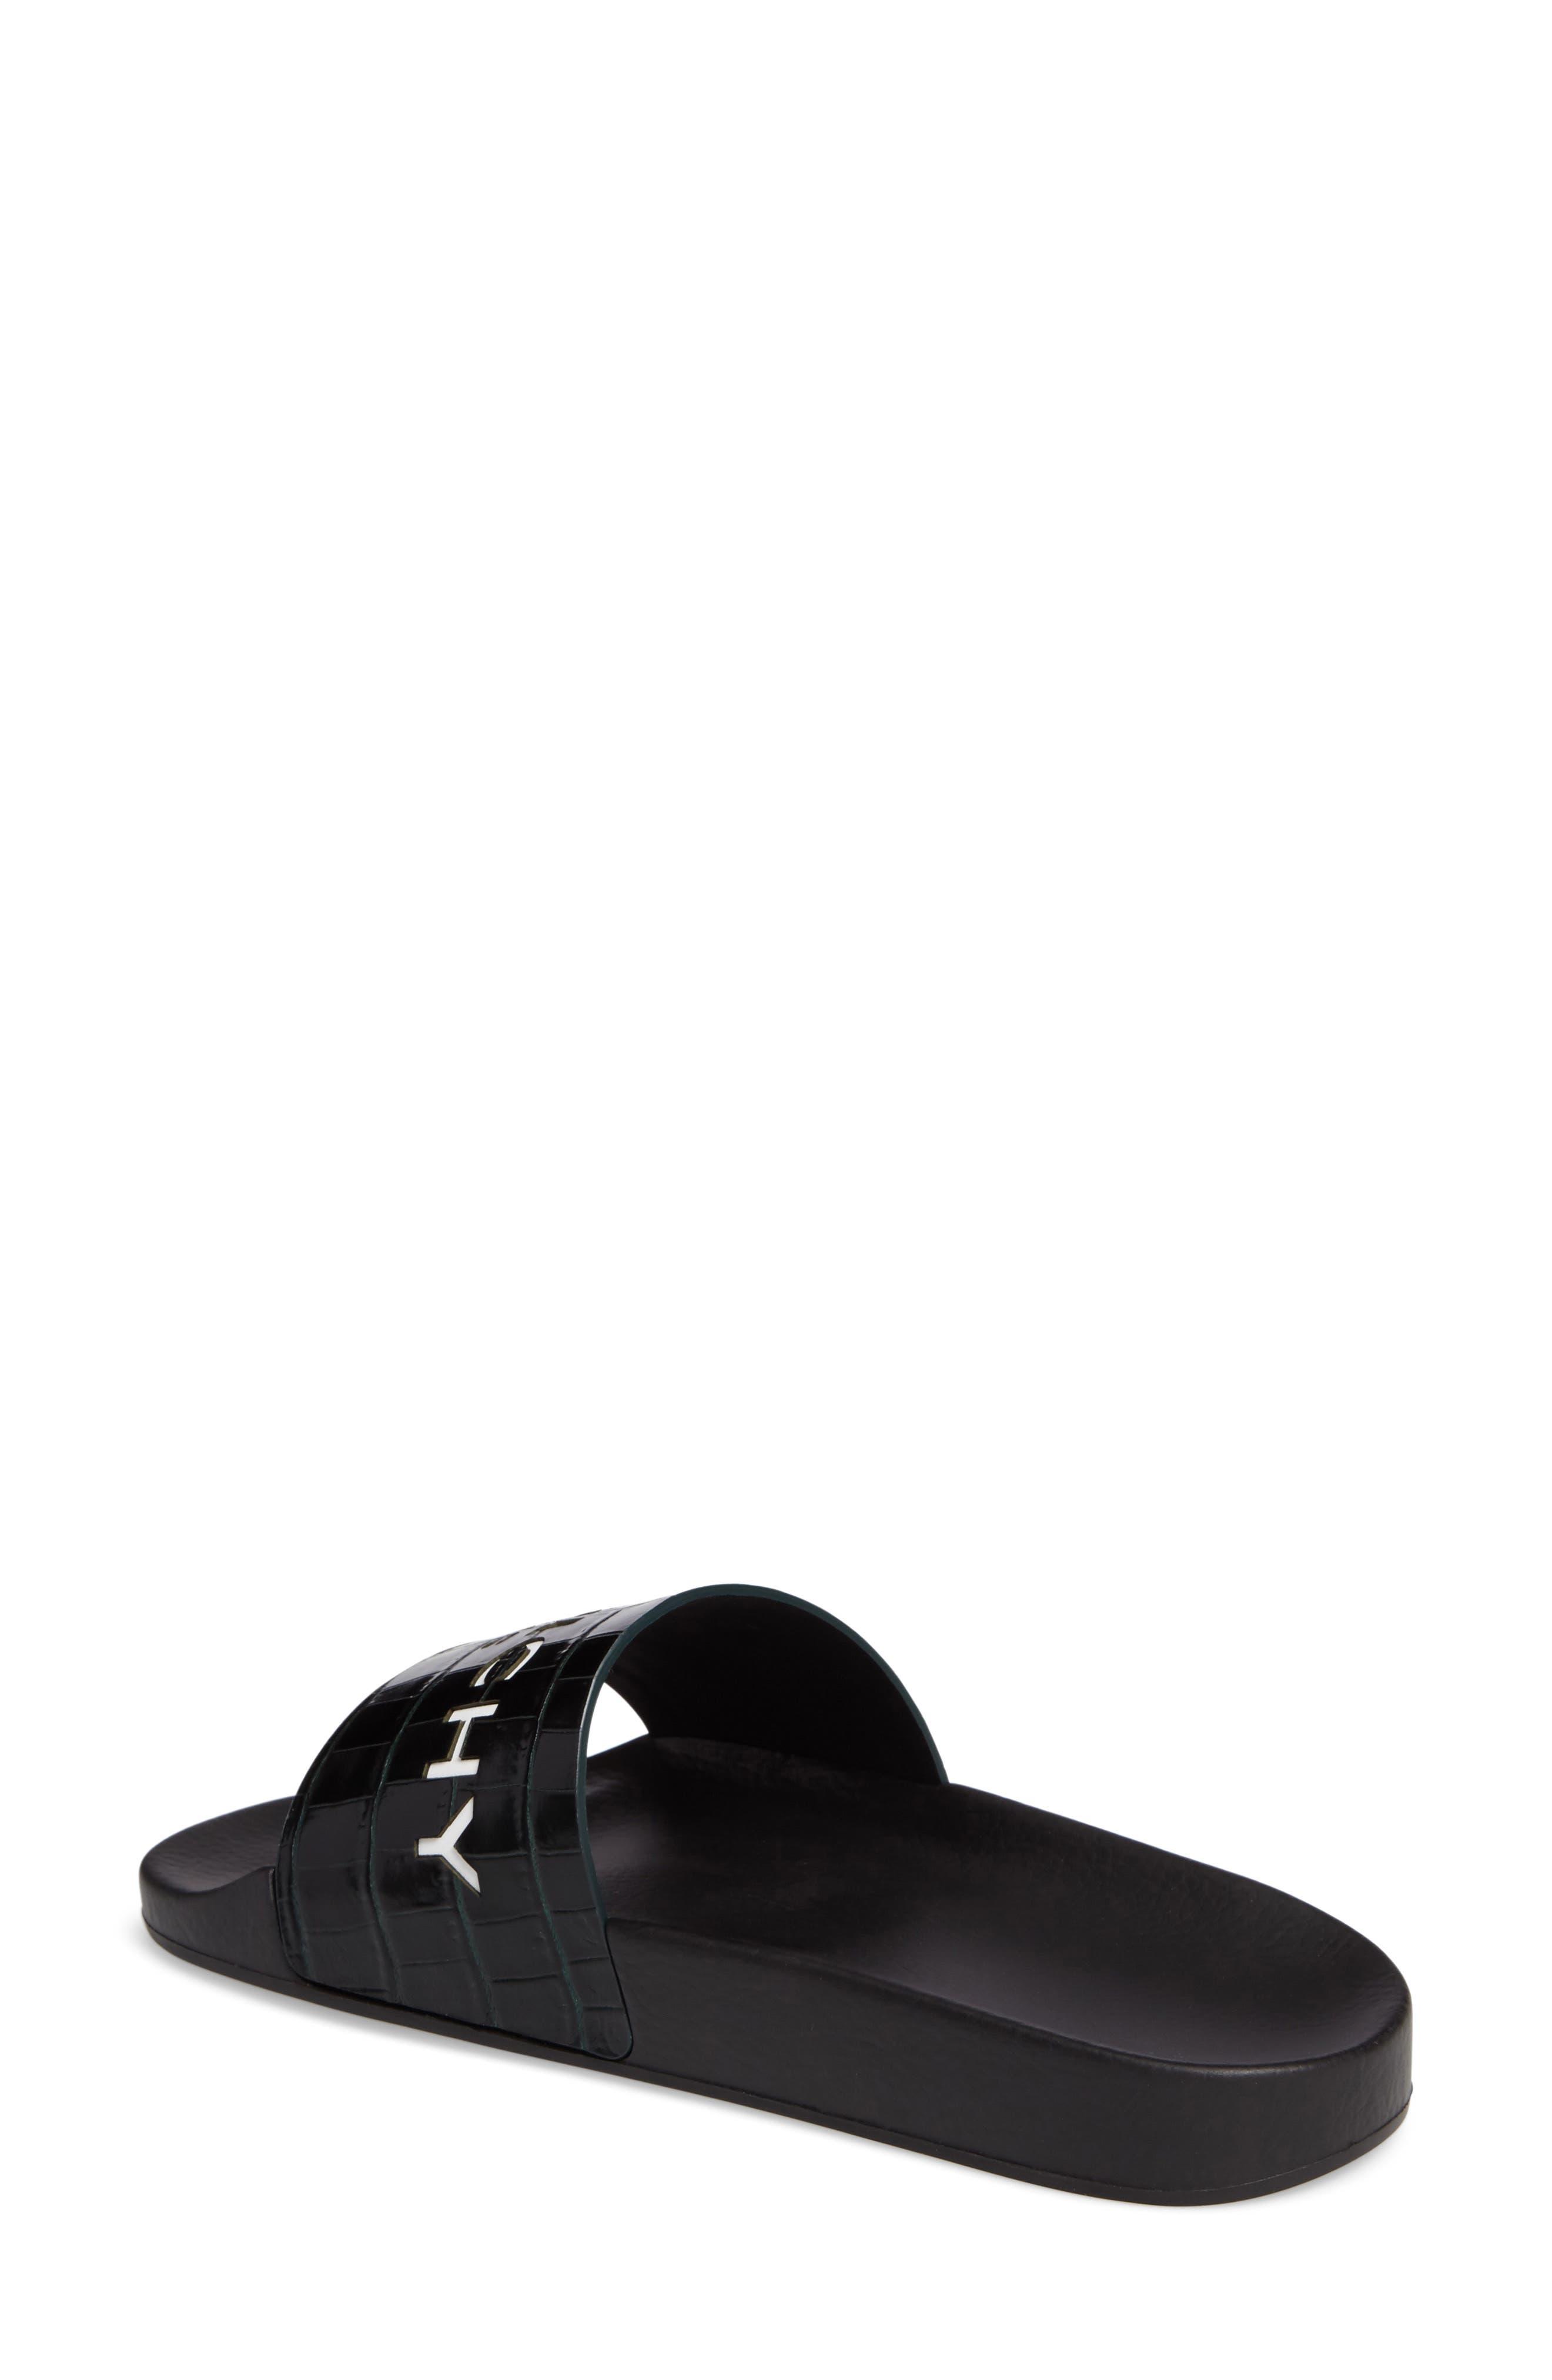 Alternate Image 2  - Givenchy Logo Slide Sandal (Women)